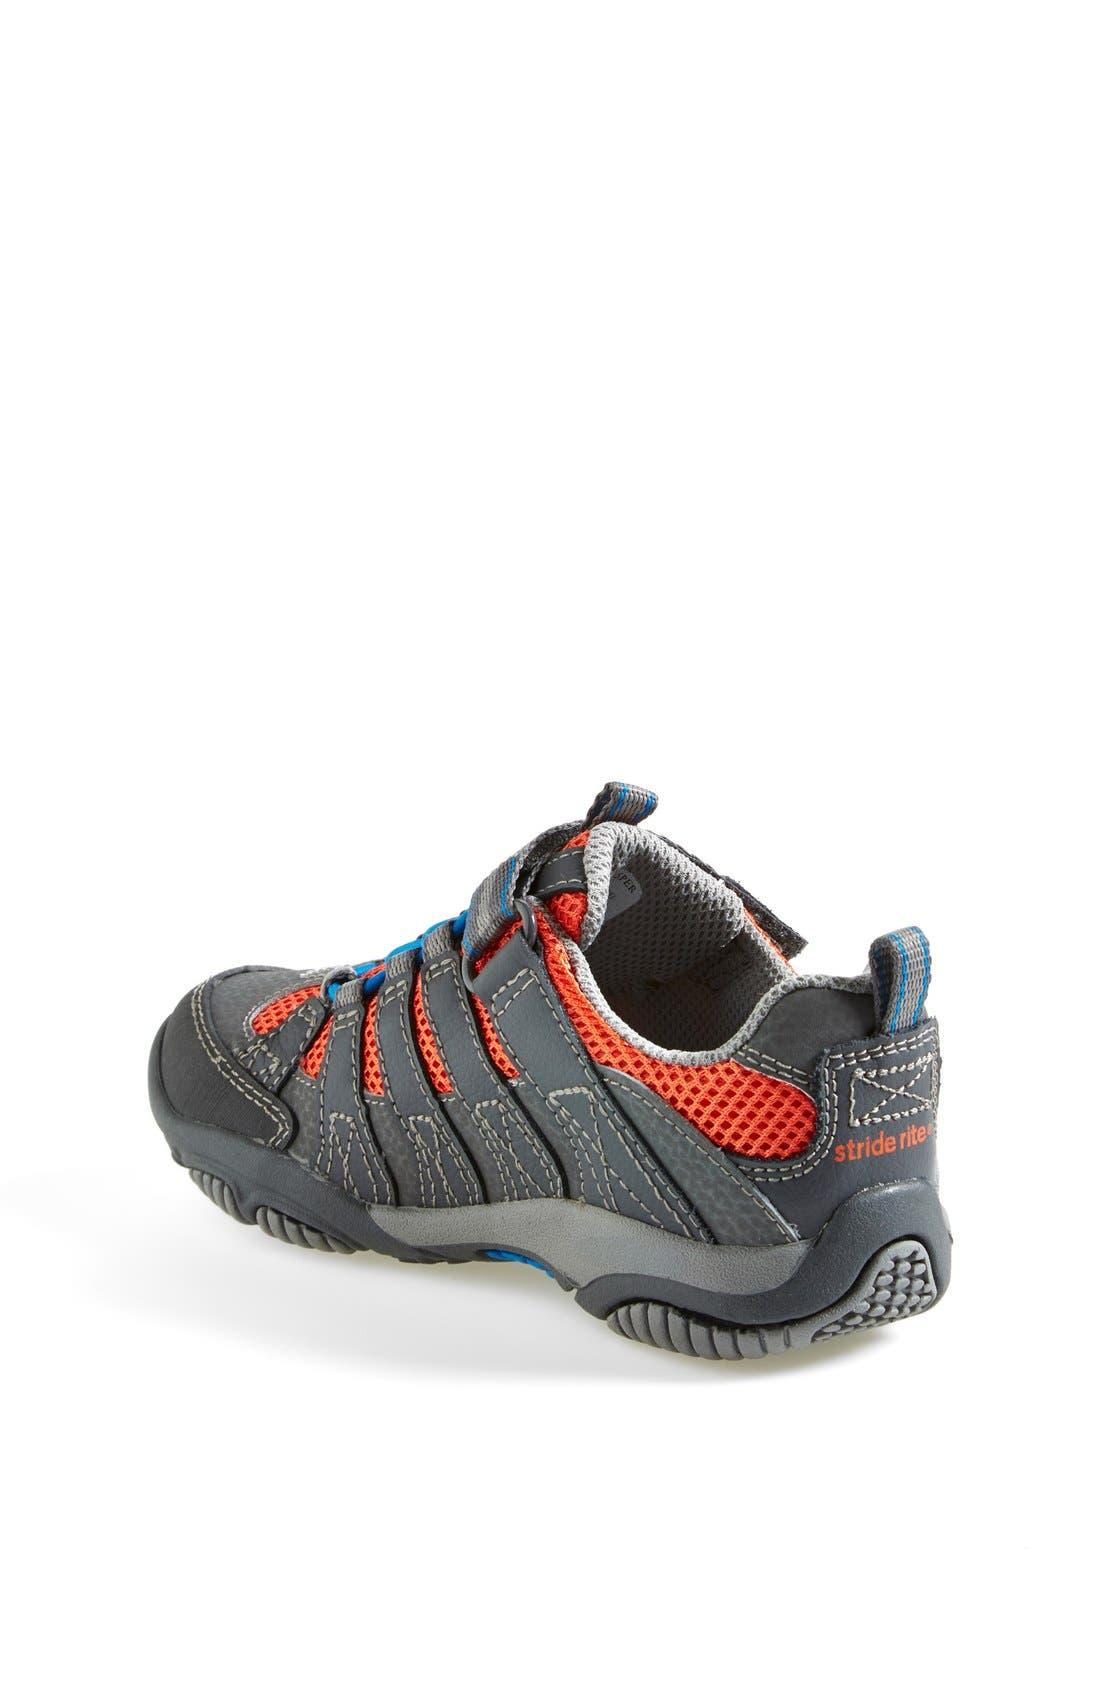 Alternate Image 2  - Stride Rite 'SRT PS Jasper' Sneaker (Online Only) (Toddler & Little Kid)